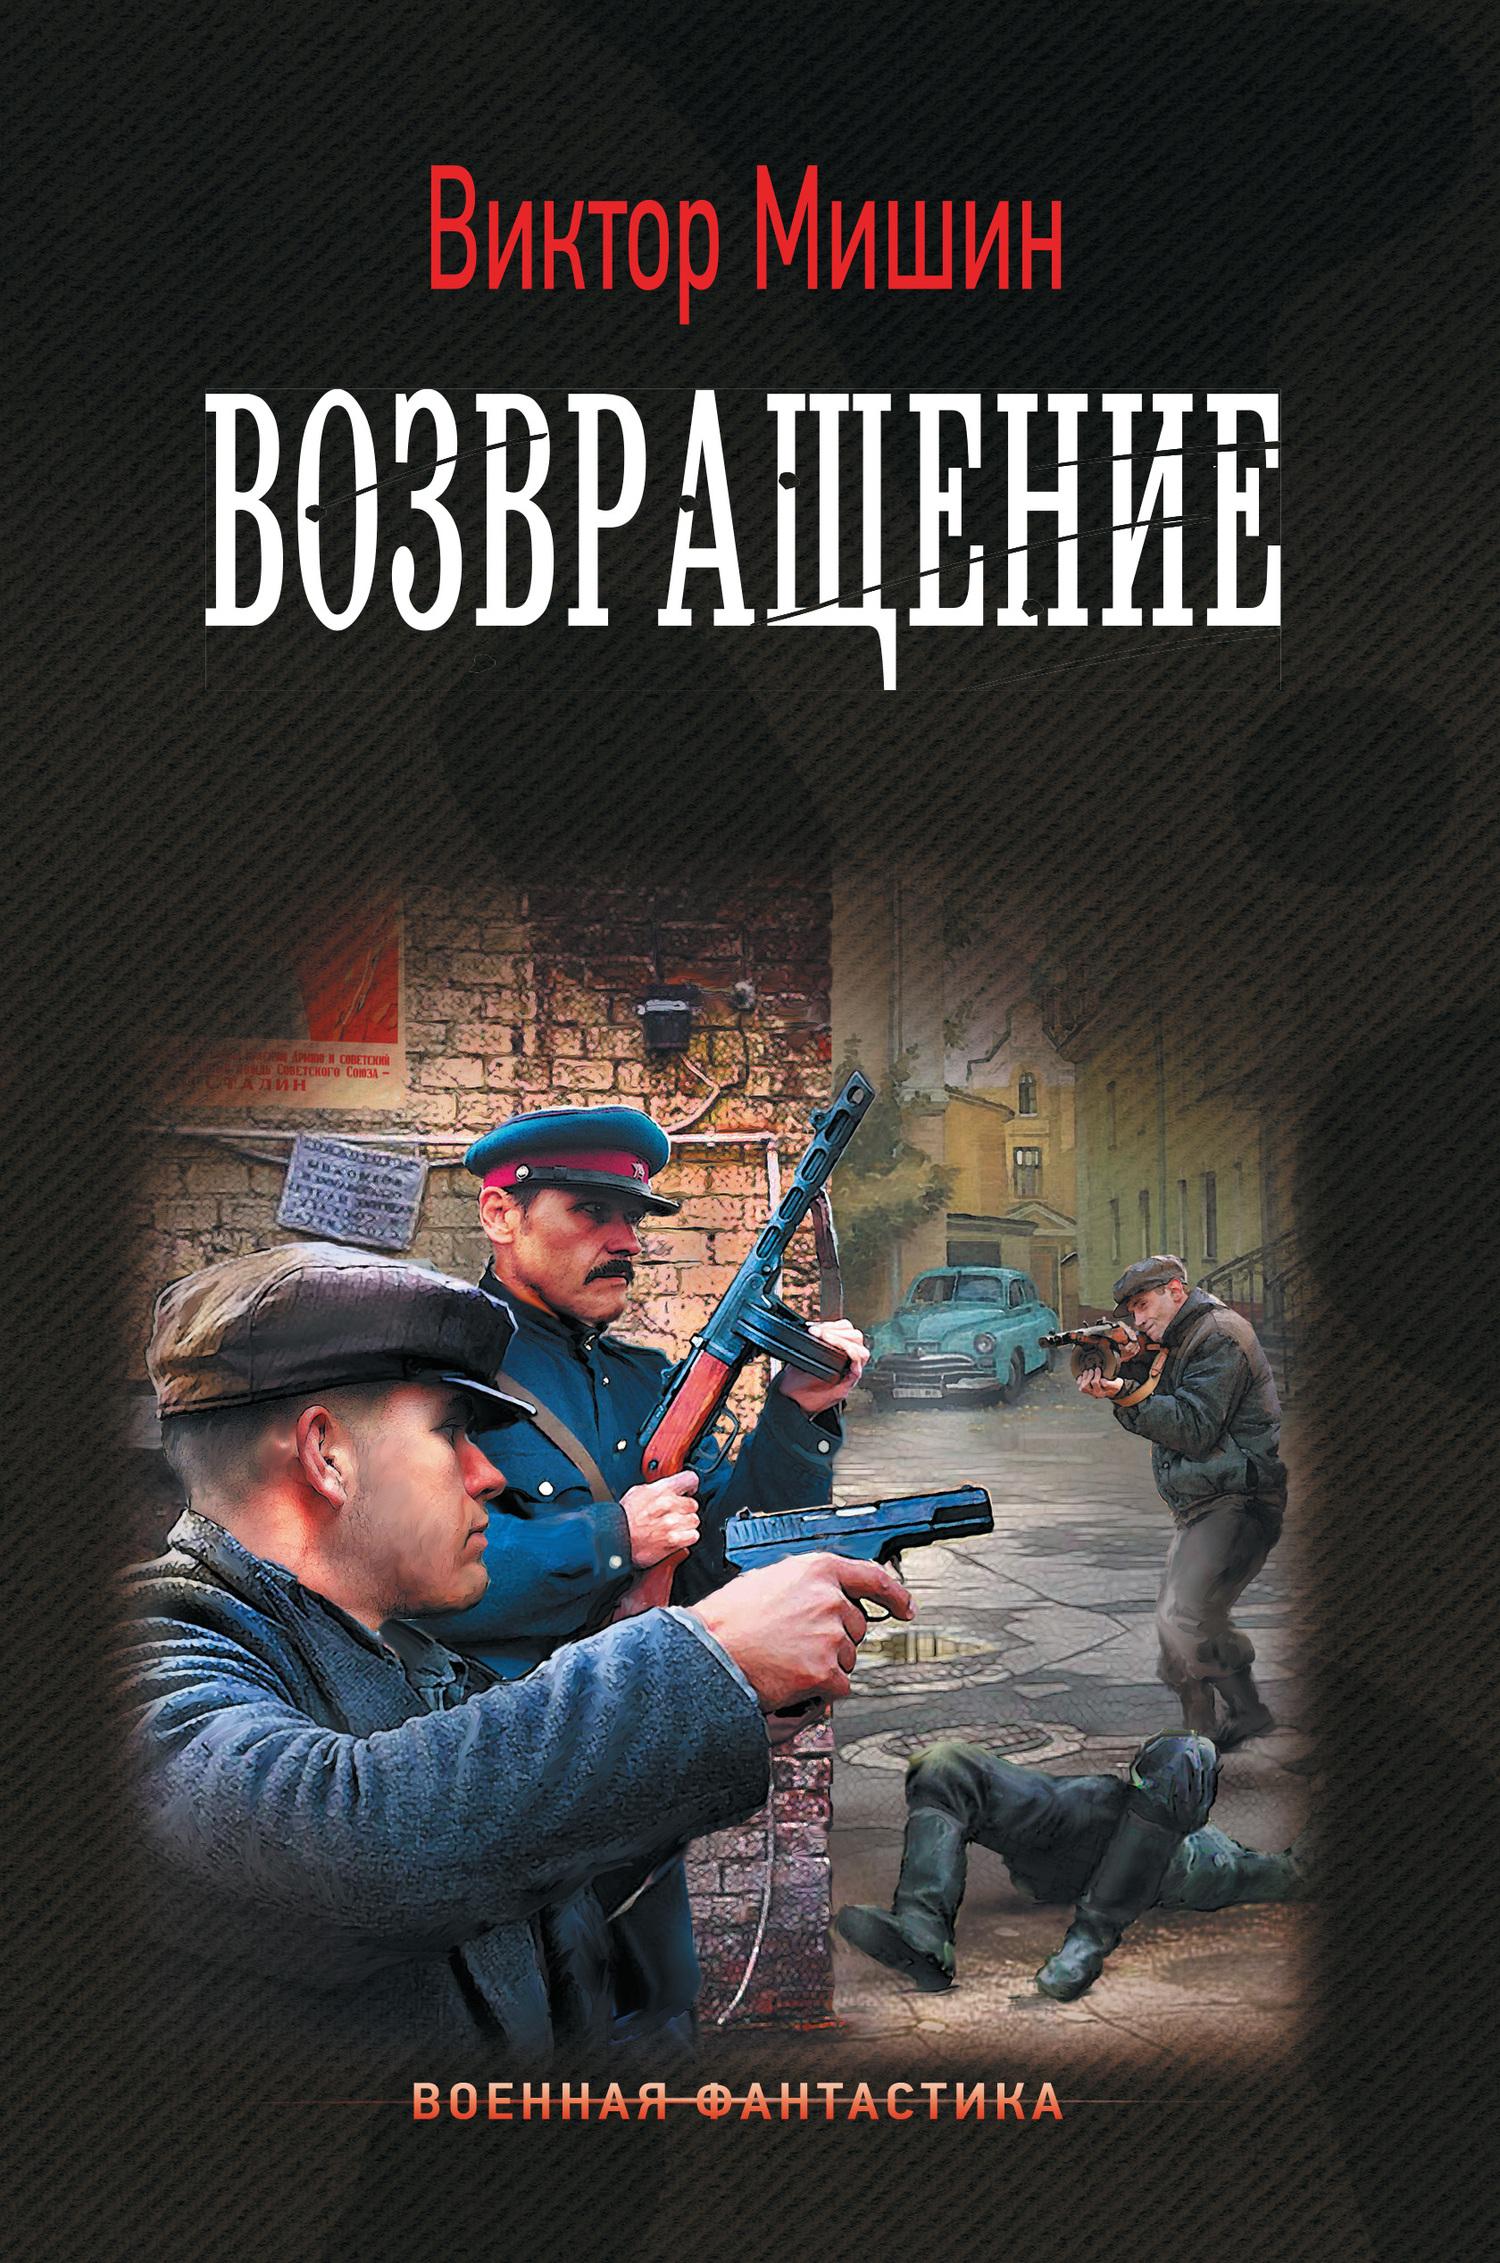 Попаданцы в русской фантастике в великой отечественной войне